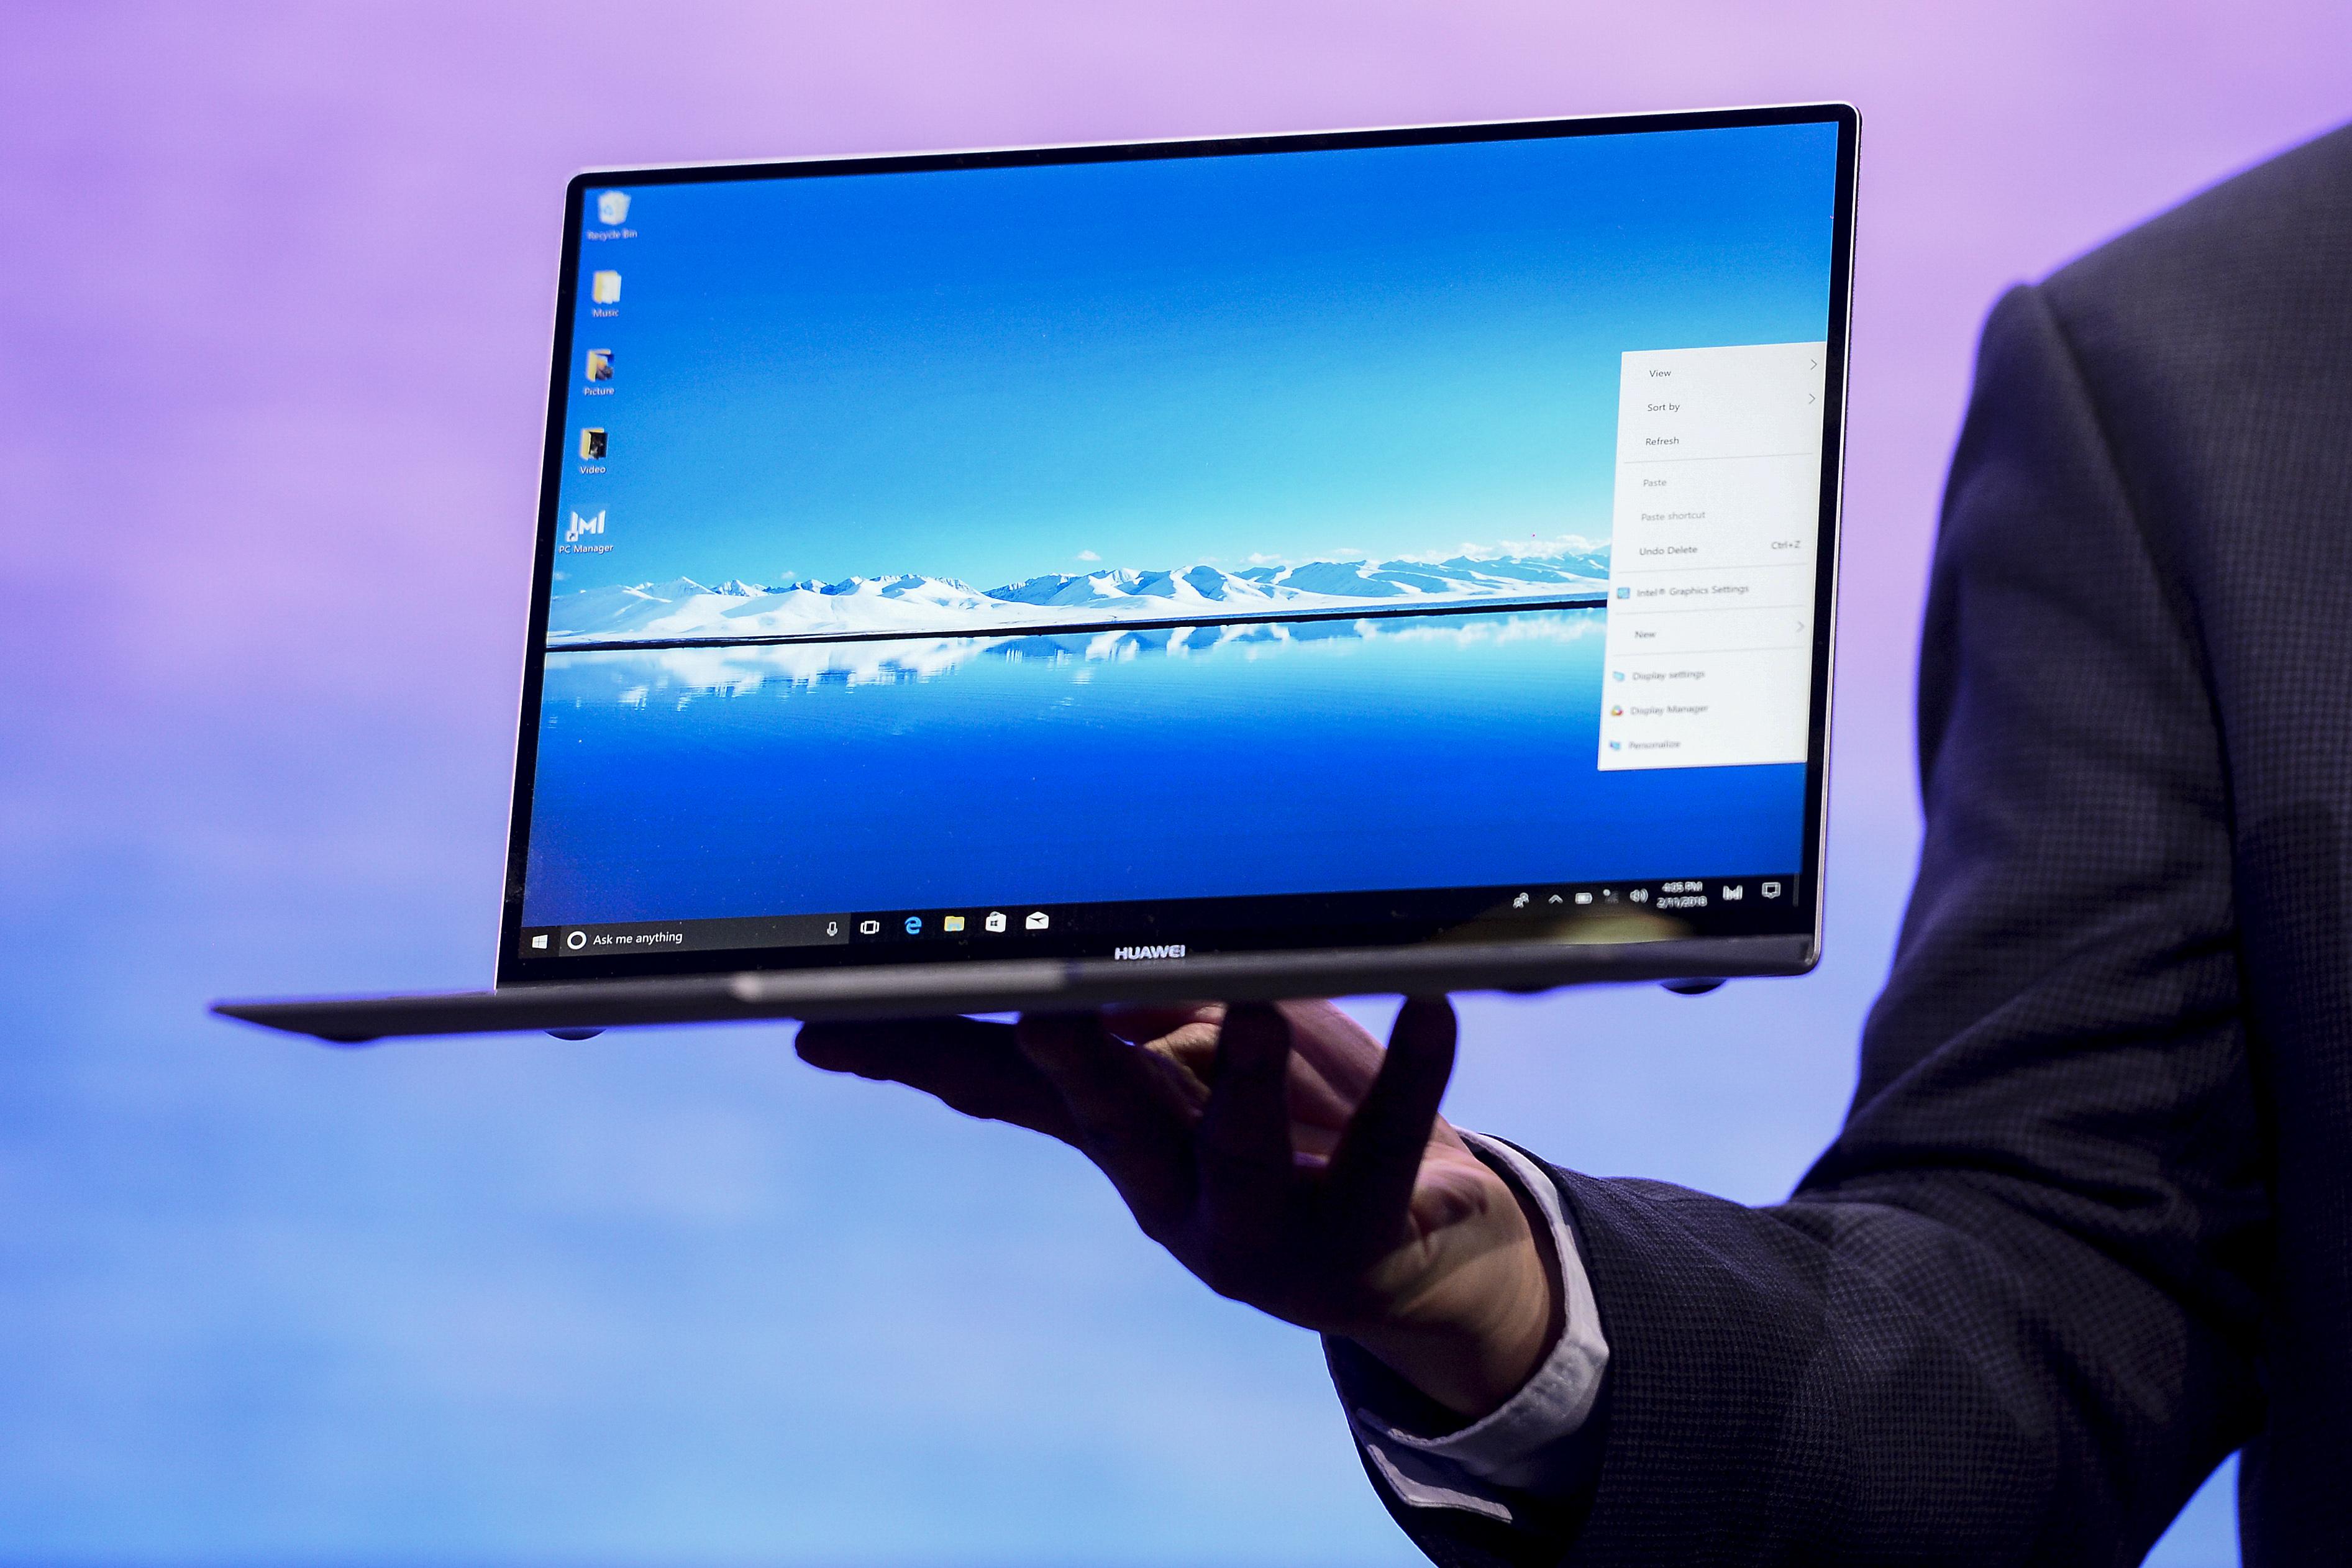 受美禁令影響 華為取消發佈新筆記本電腦